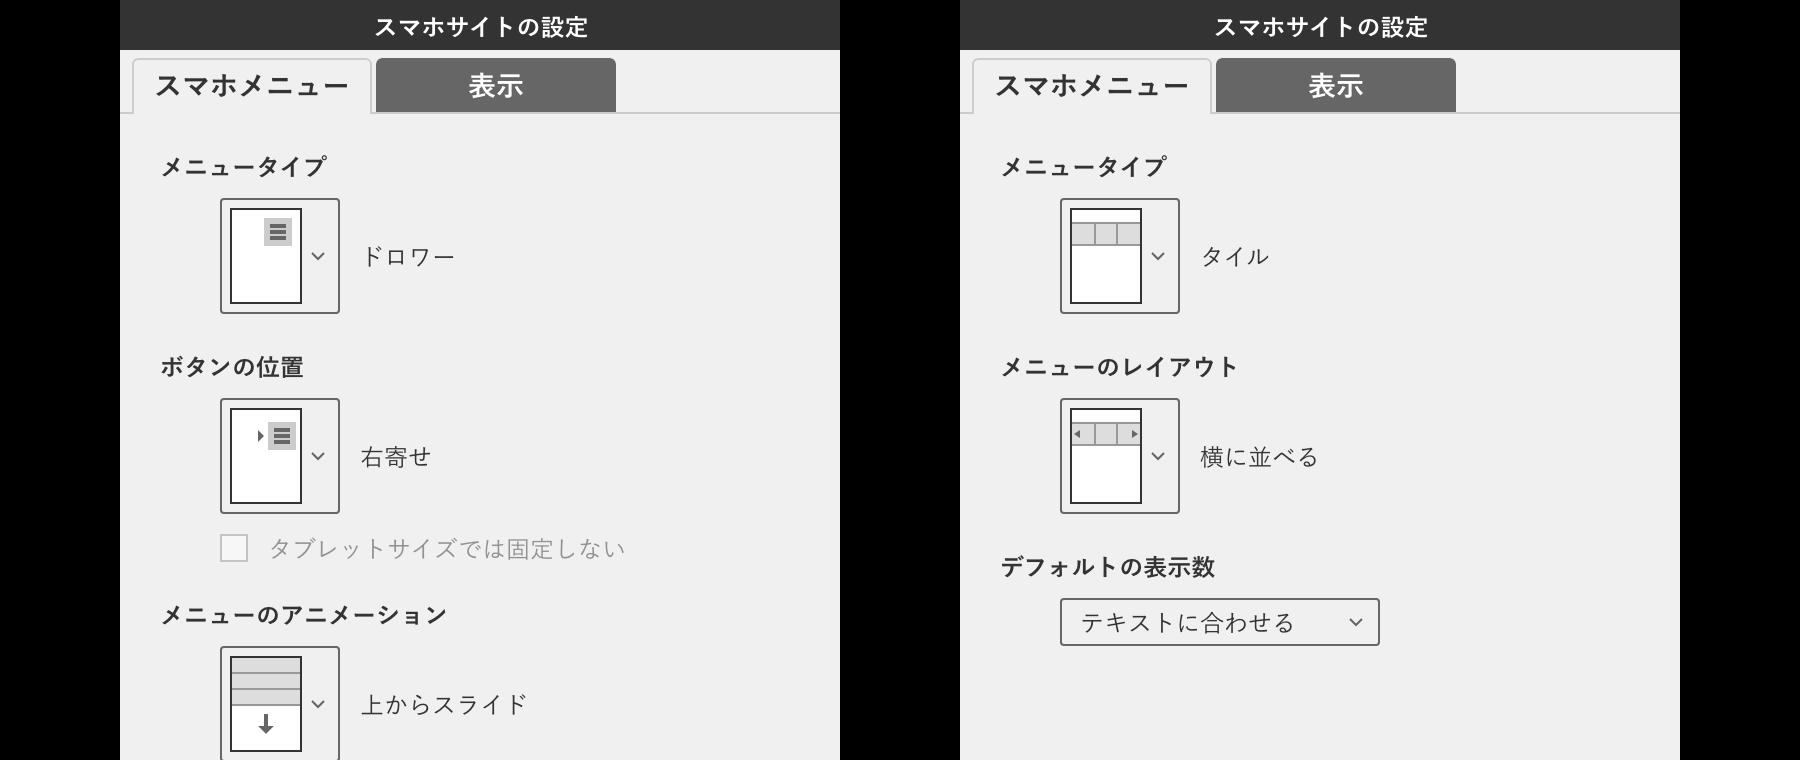 開発中のスマホサイト設定画面